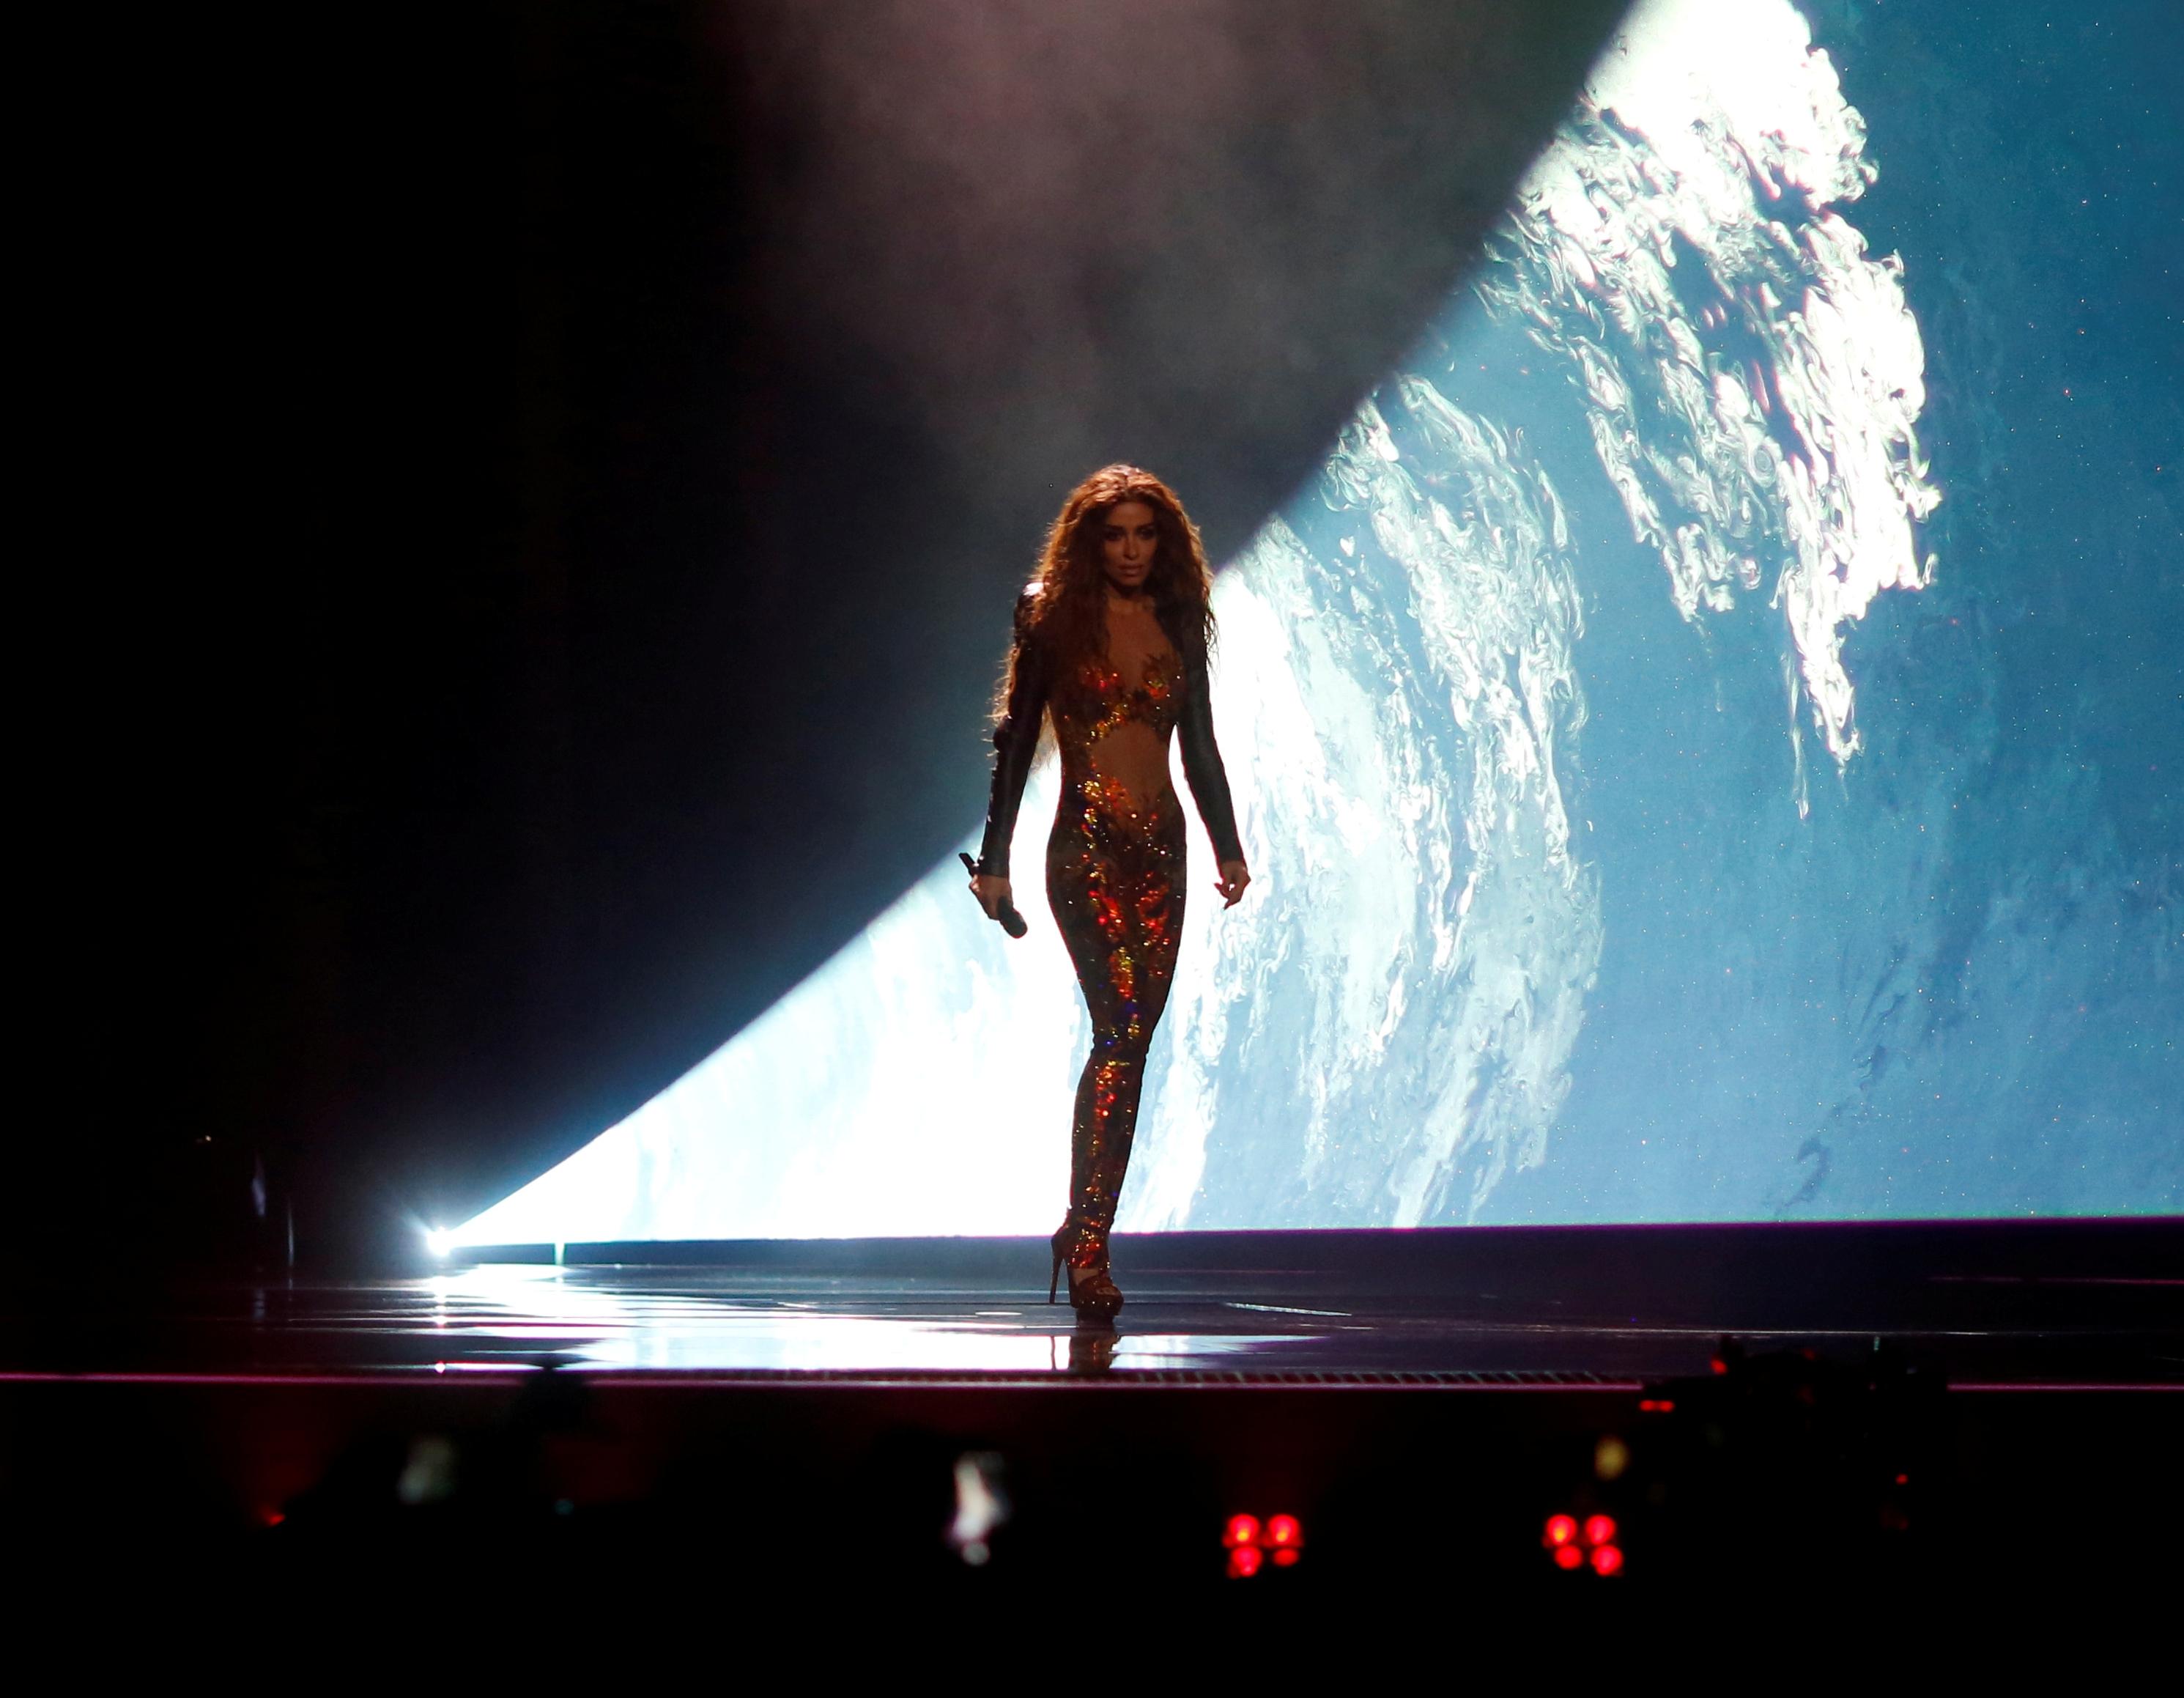 Ελένη Φουρέιρα: Σείστηκε το στάδιο την ώρα που εμφανίστηκε στη σκηνή! Όσα δεν είδες χθες! Βίντεο | tlife.gr